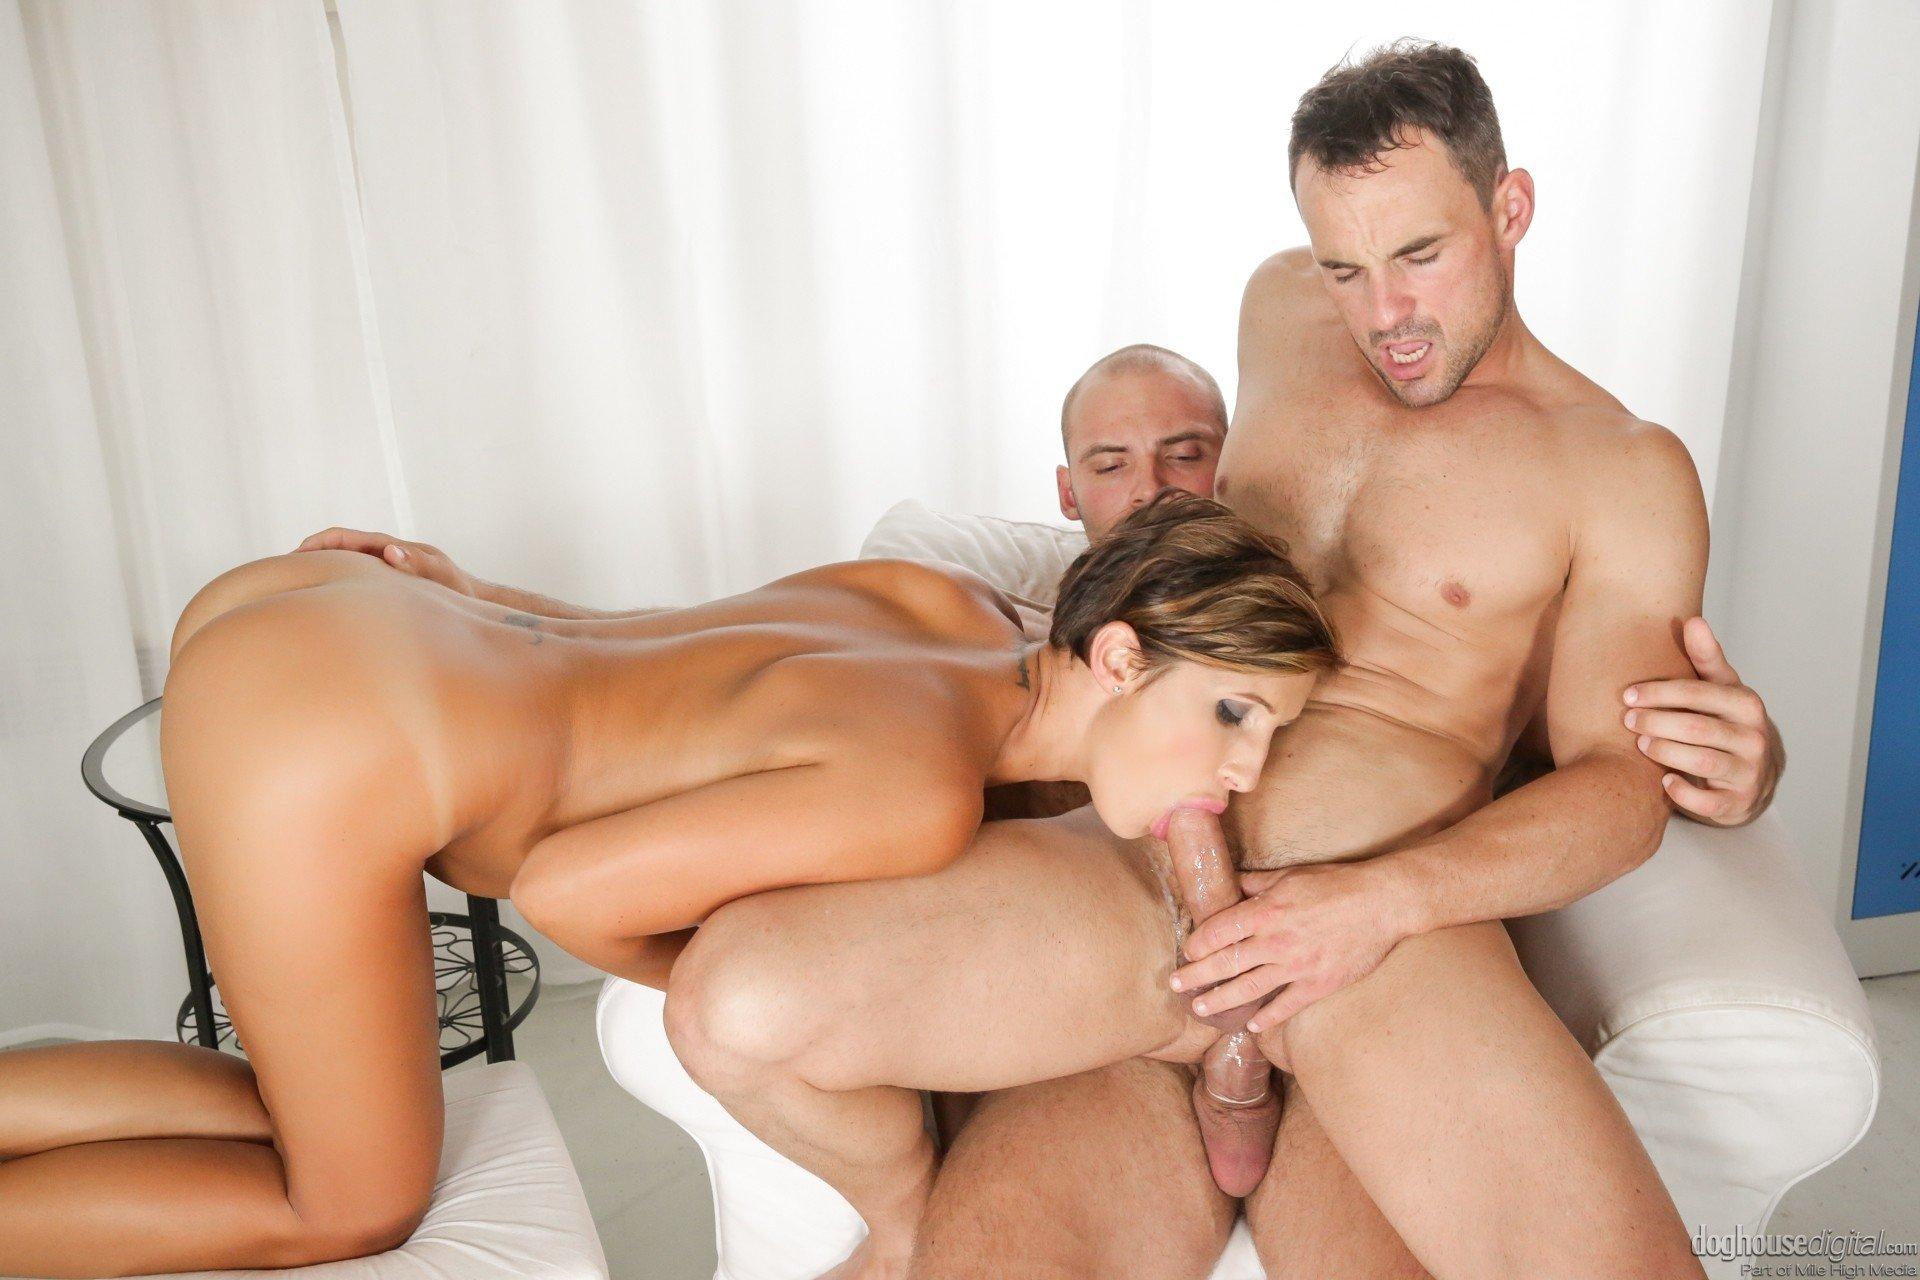 Мужики втроем шпилят анальную проказницу Jenna Red порно фото бесплатно